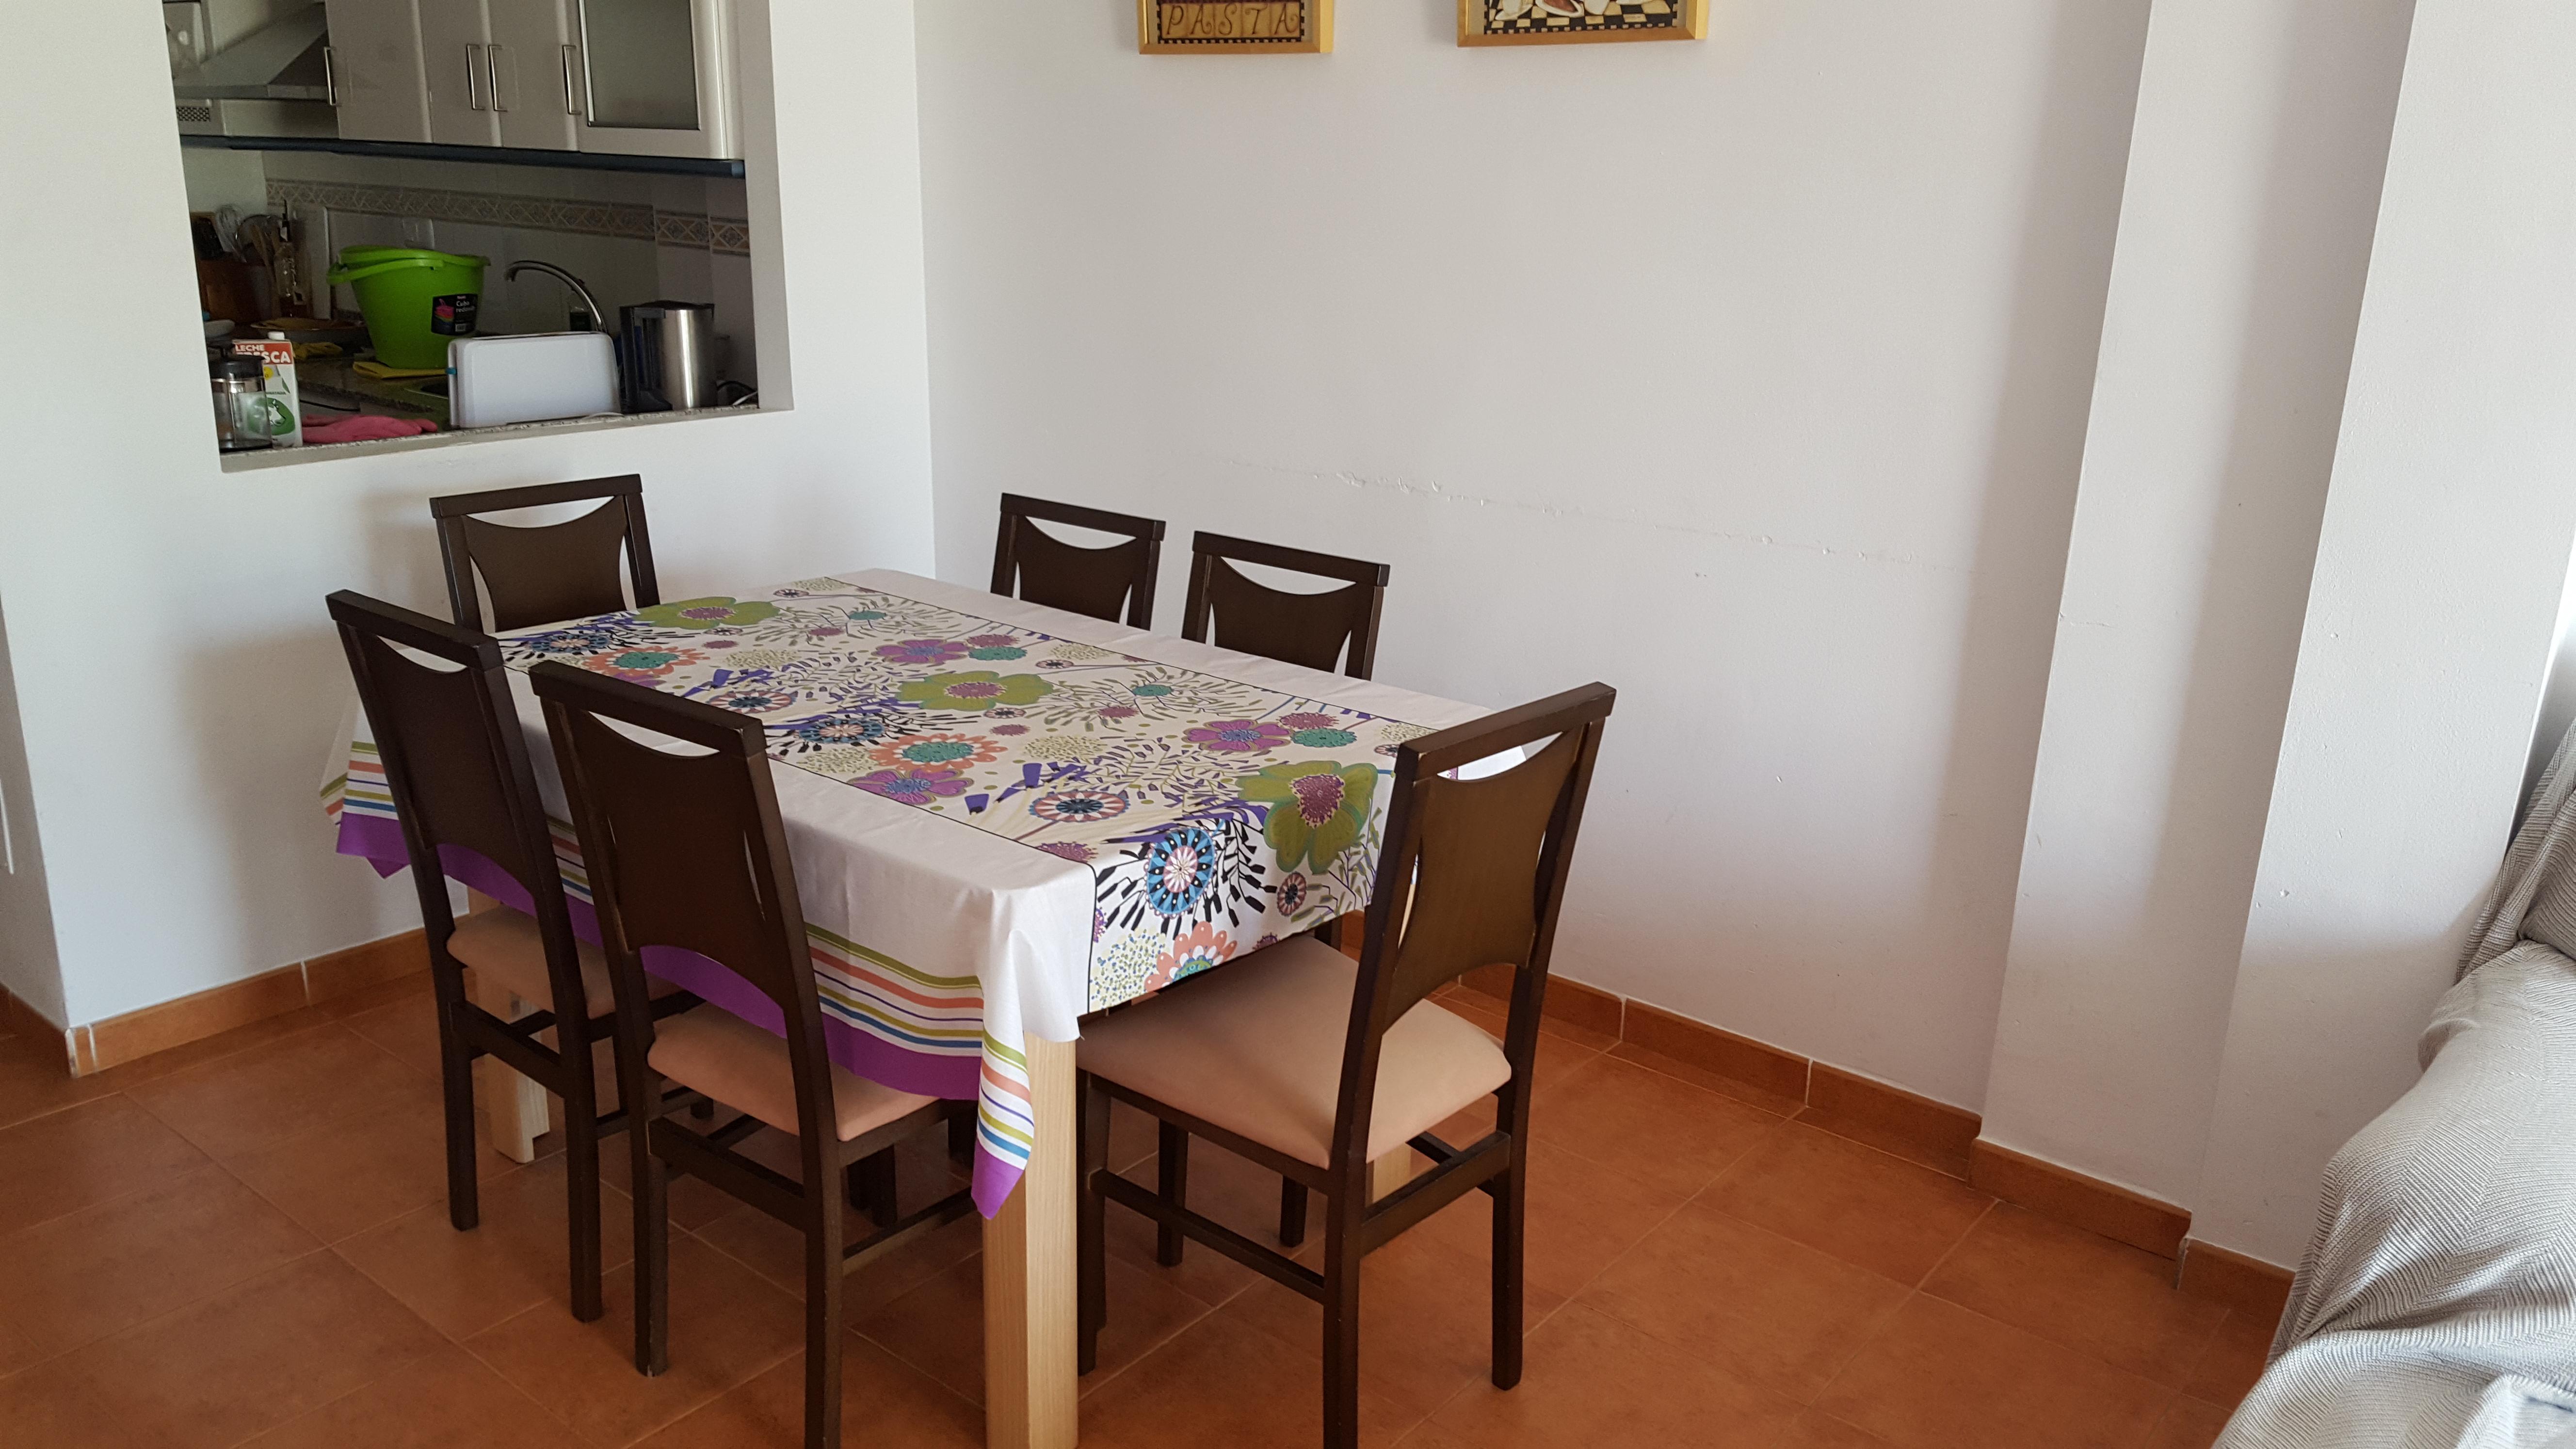 Ferienwohnung 3 Schlafzimmer Wohnung zu vermieten in Mojcar, Spanien (2388895), Mojacar, Costa de Almeria, Andalusien, Spanien, Bild 8